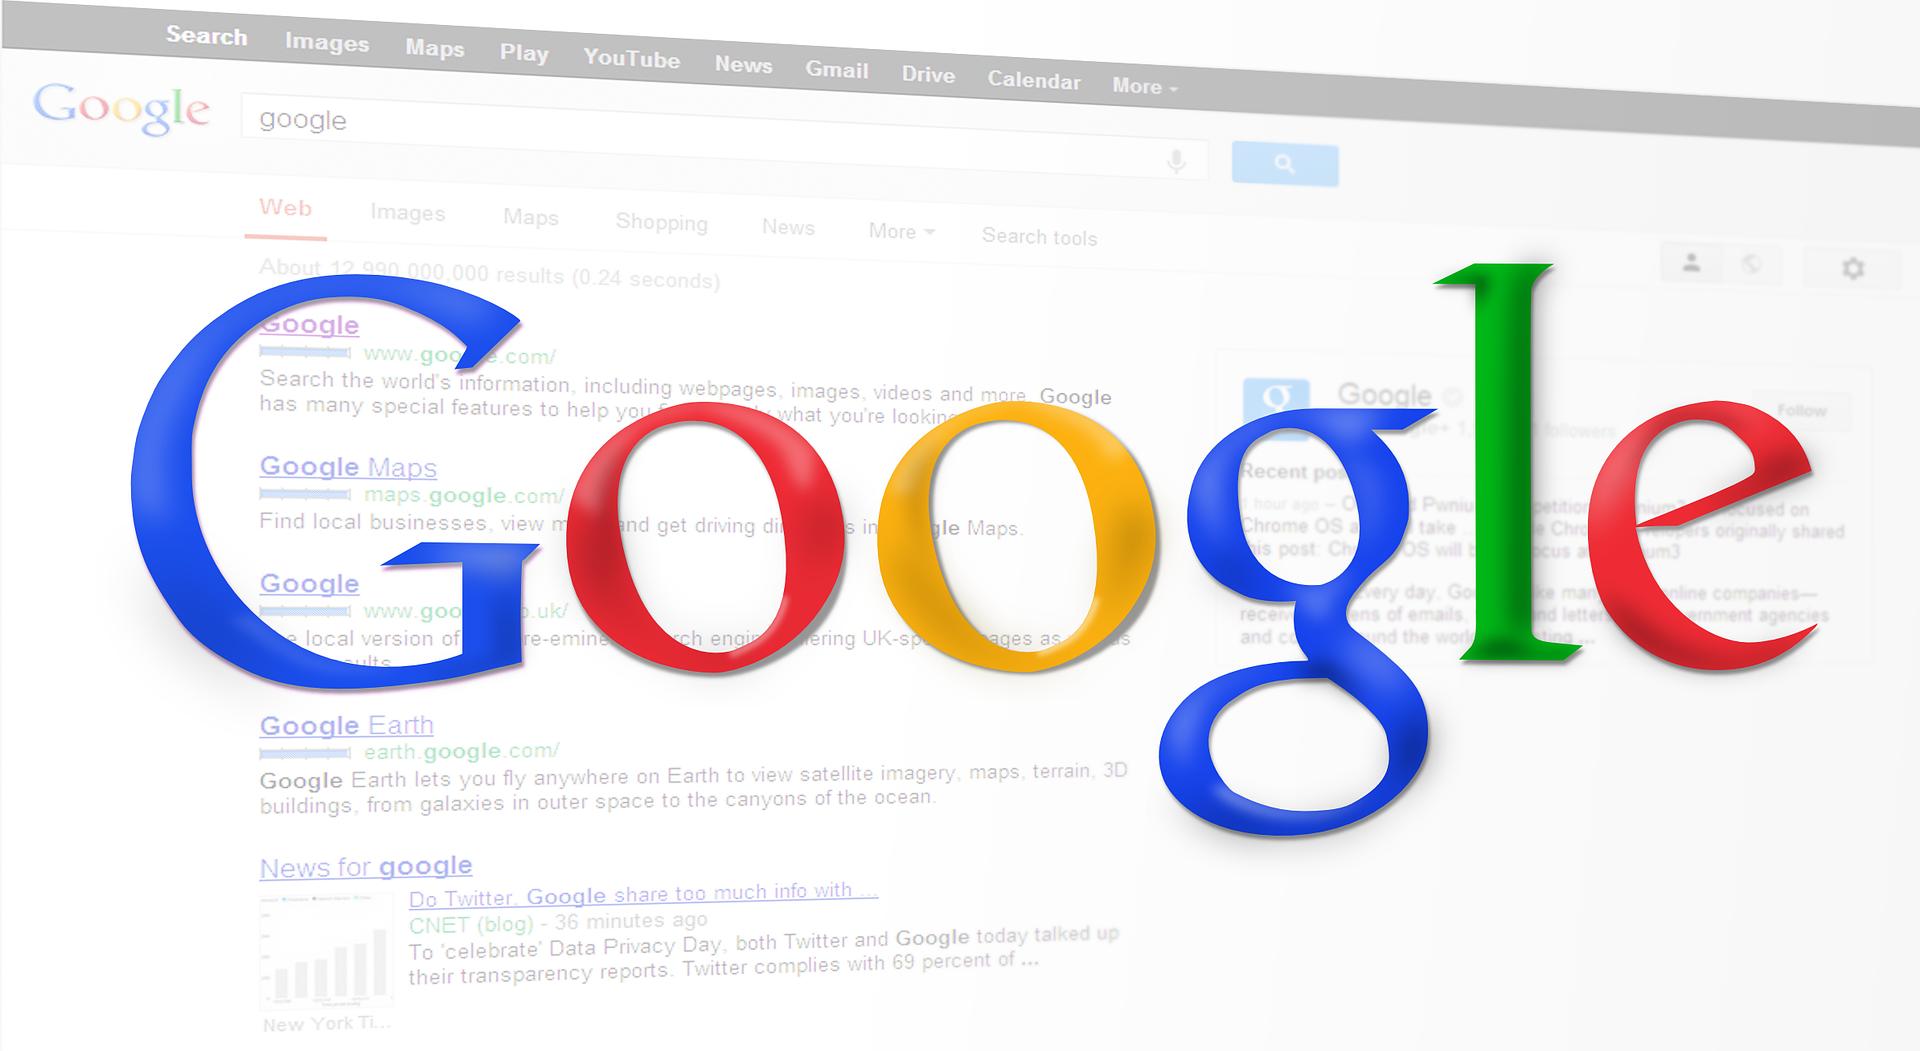 Google'da 2019'da neleri aradık?